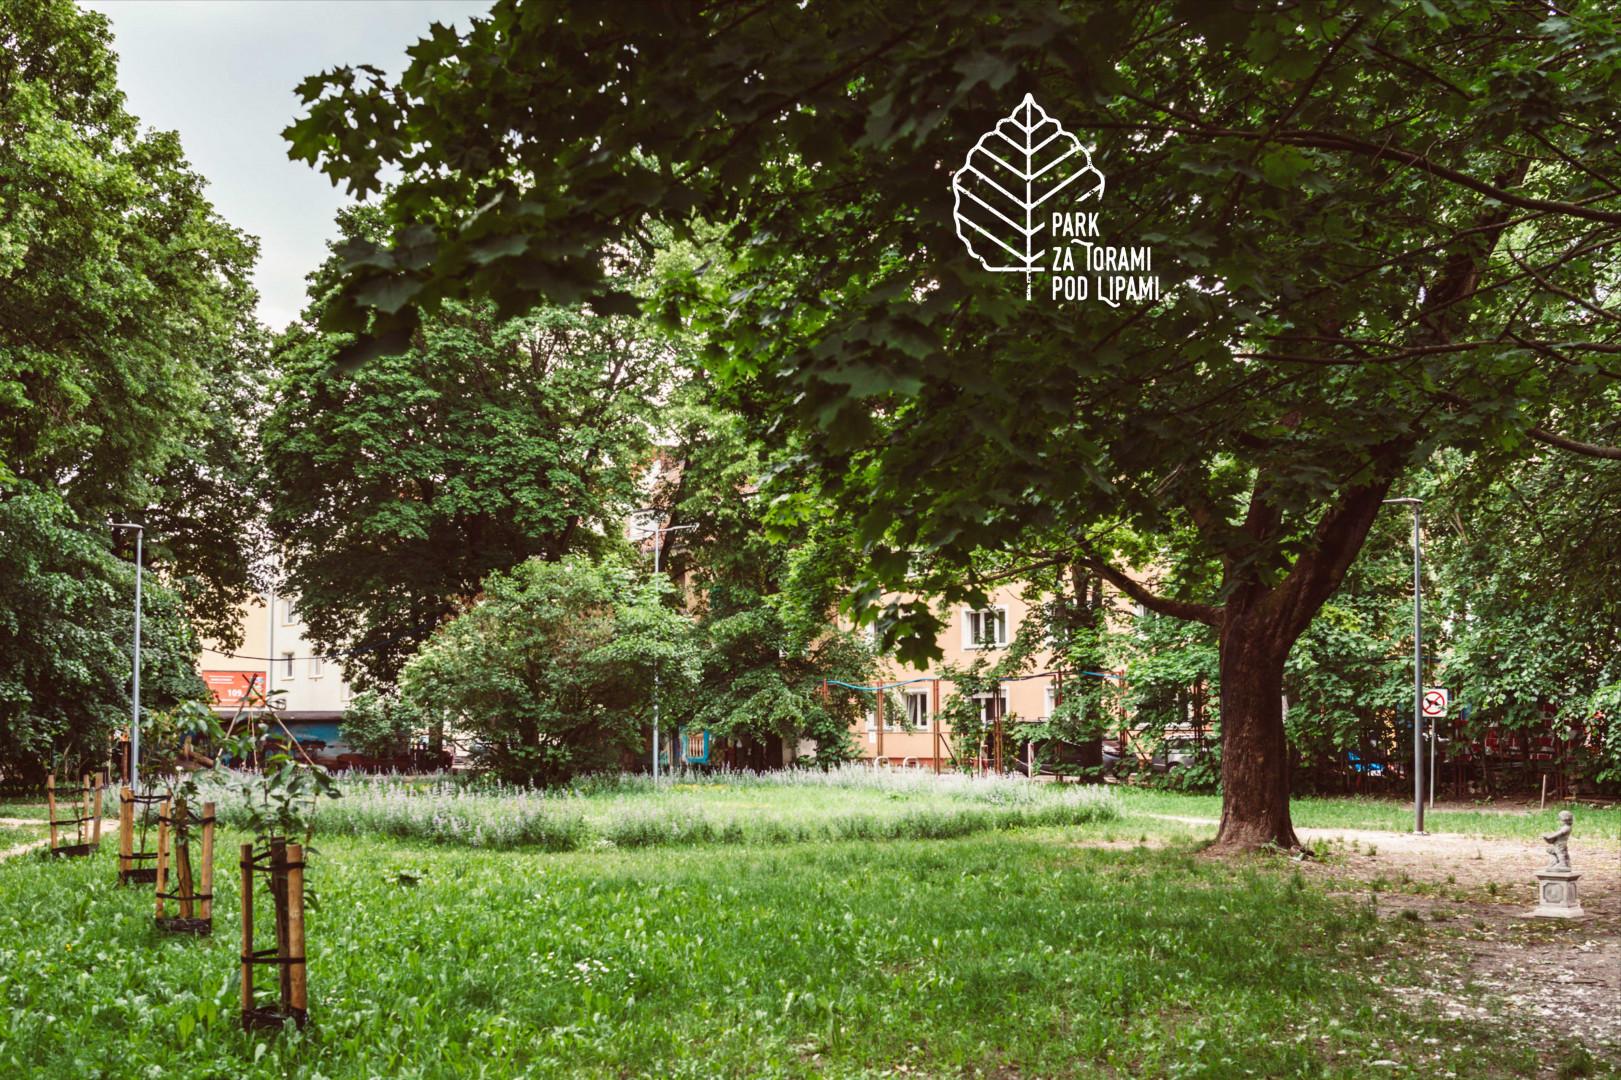 Zdjęcie do projektu Ścieżki spacerowe i mała architektura dla parku kieszonkowego Zatorze/Podleśna